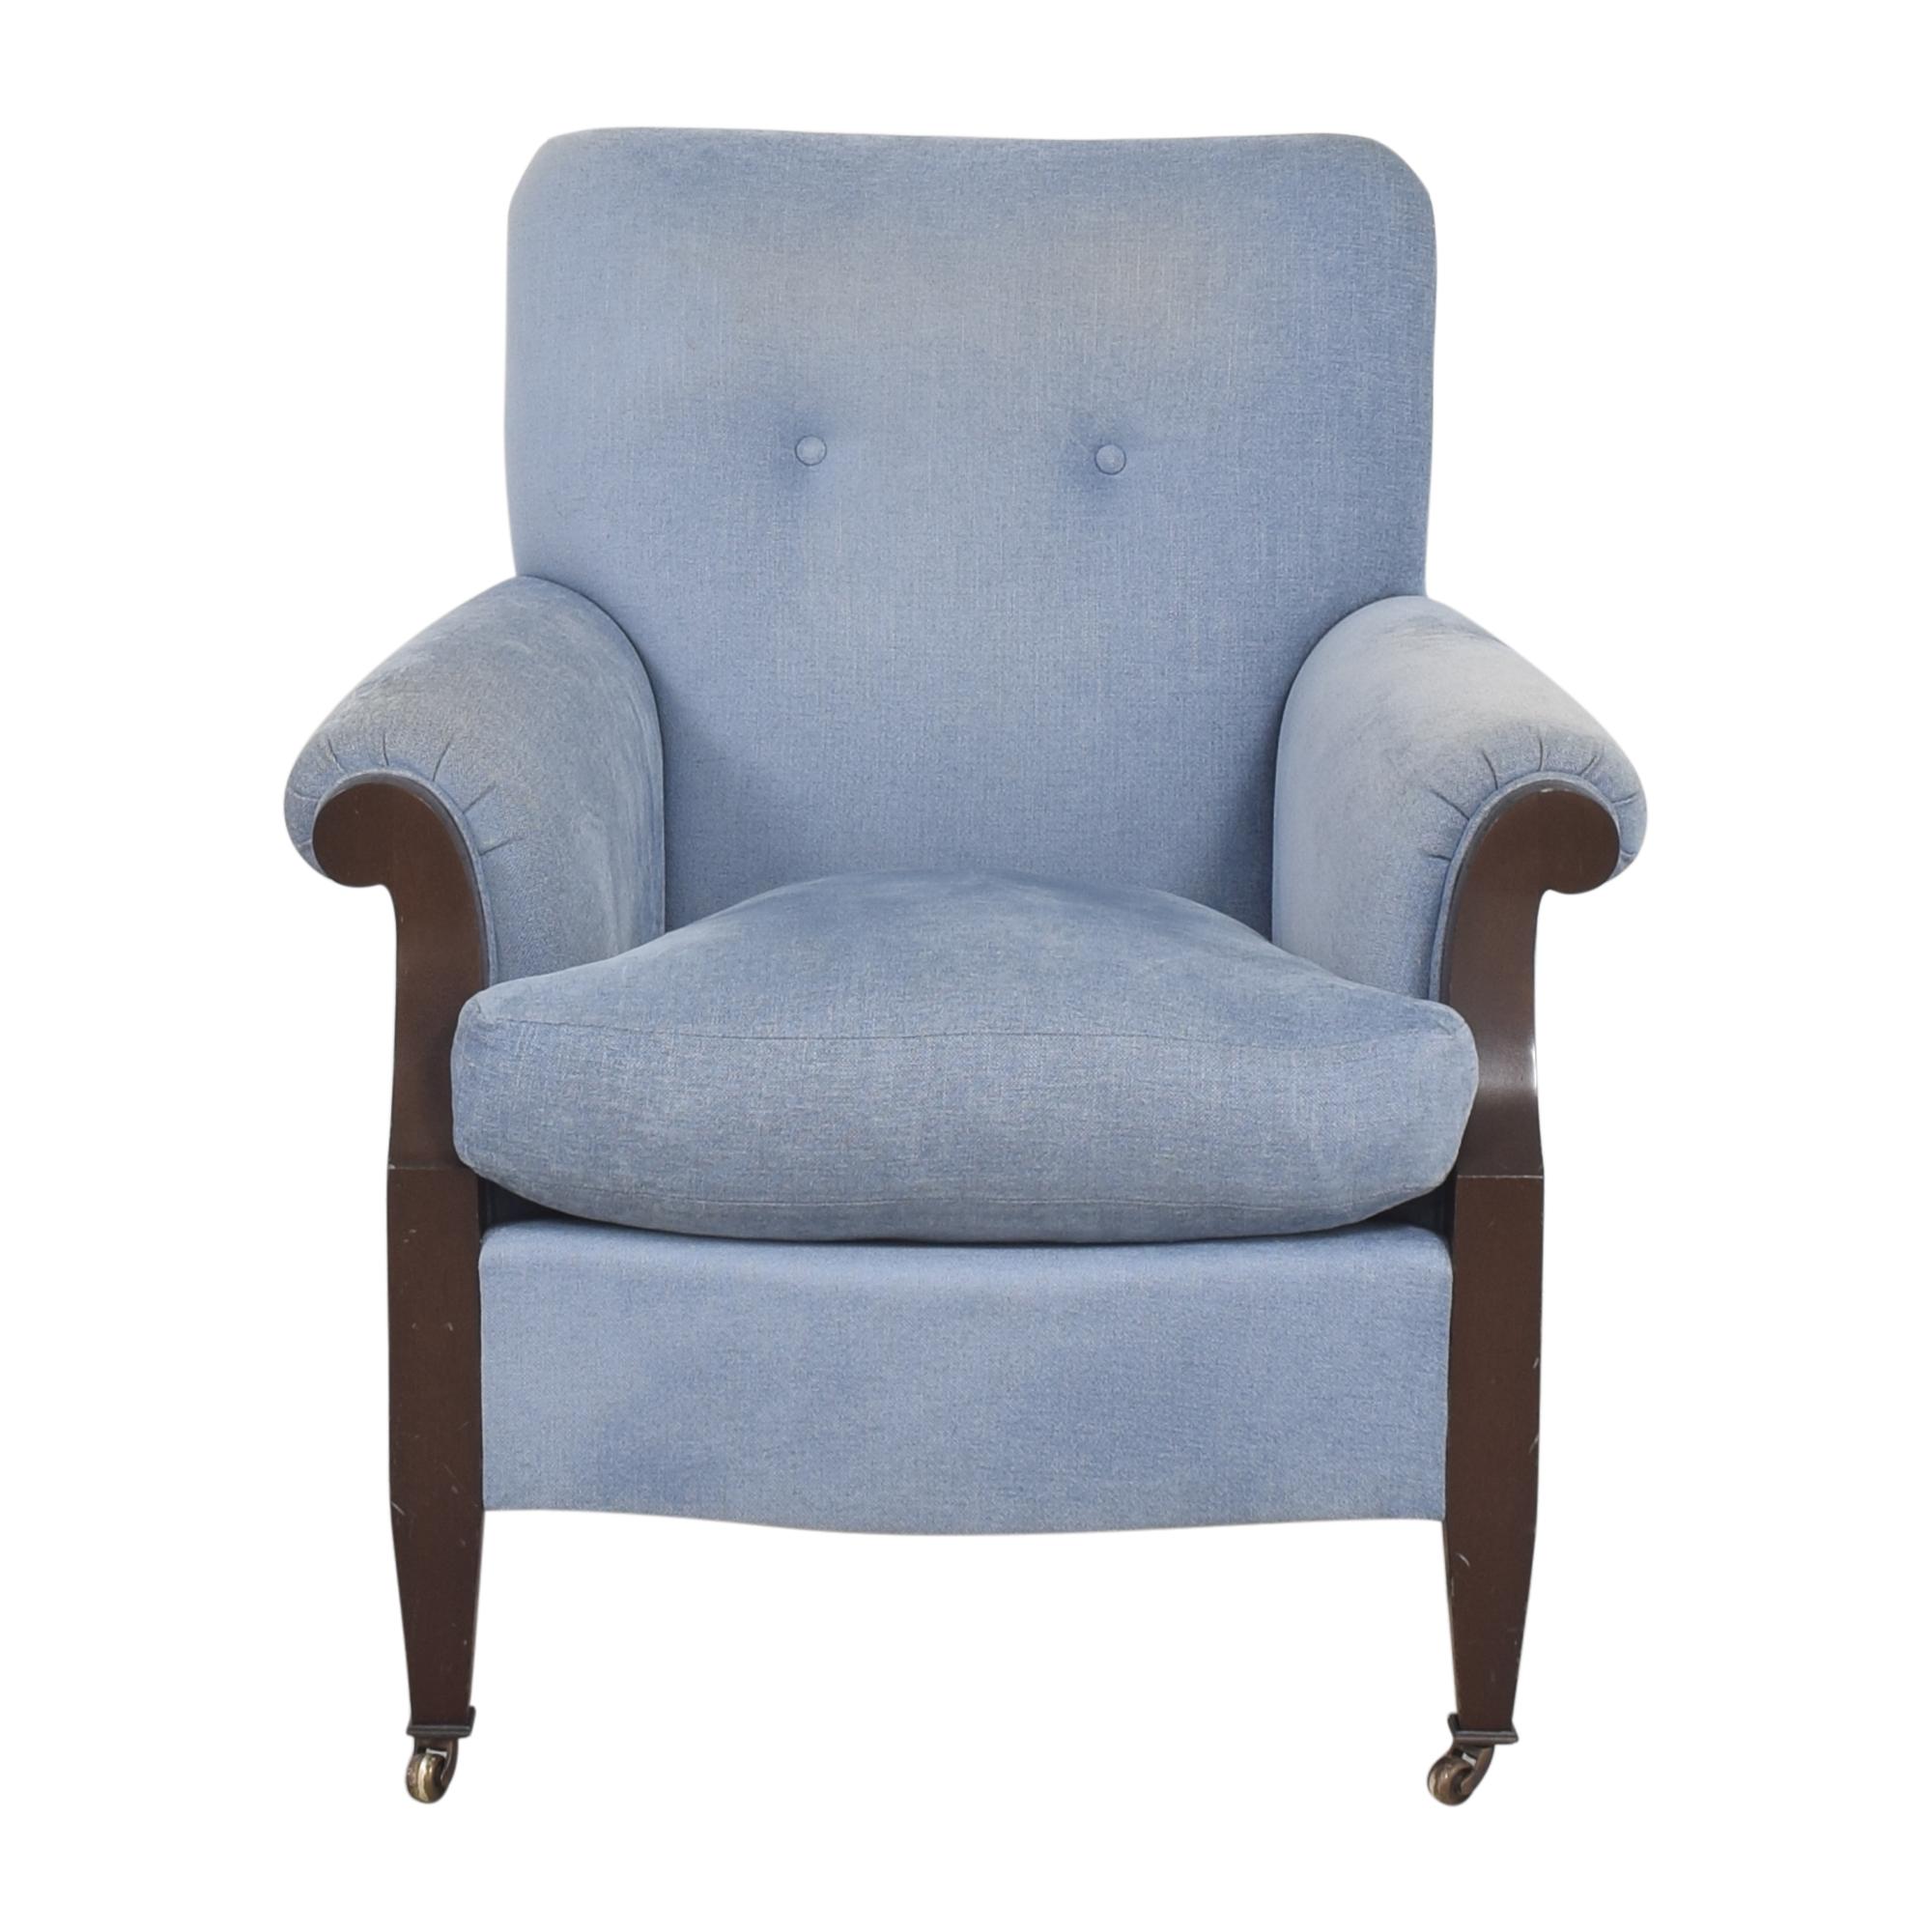 buy Aero Club Chair by Thomas O'Brien Aero Accent Chairs